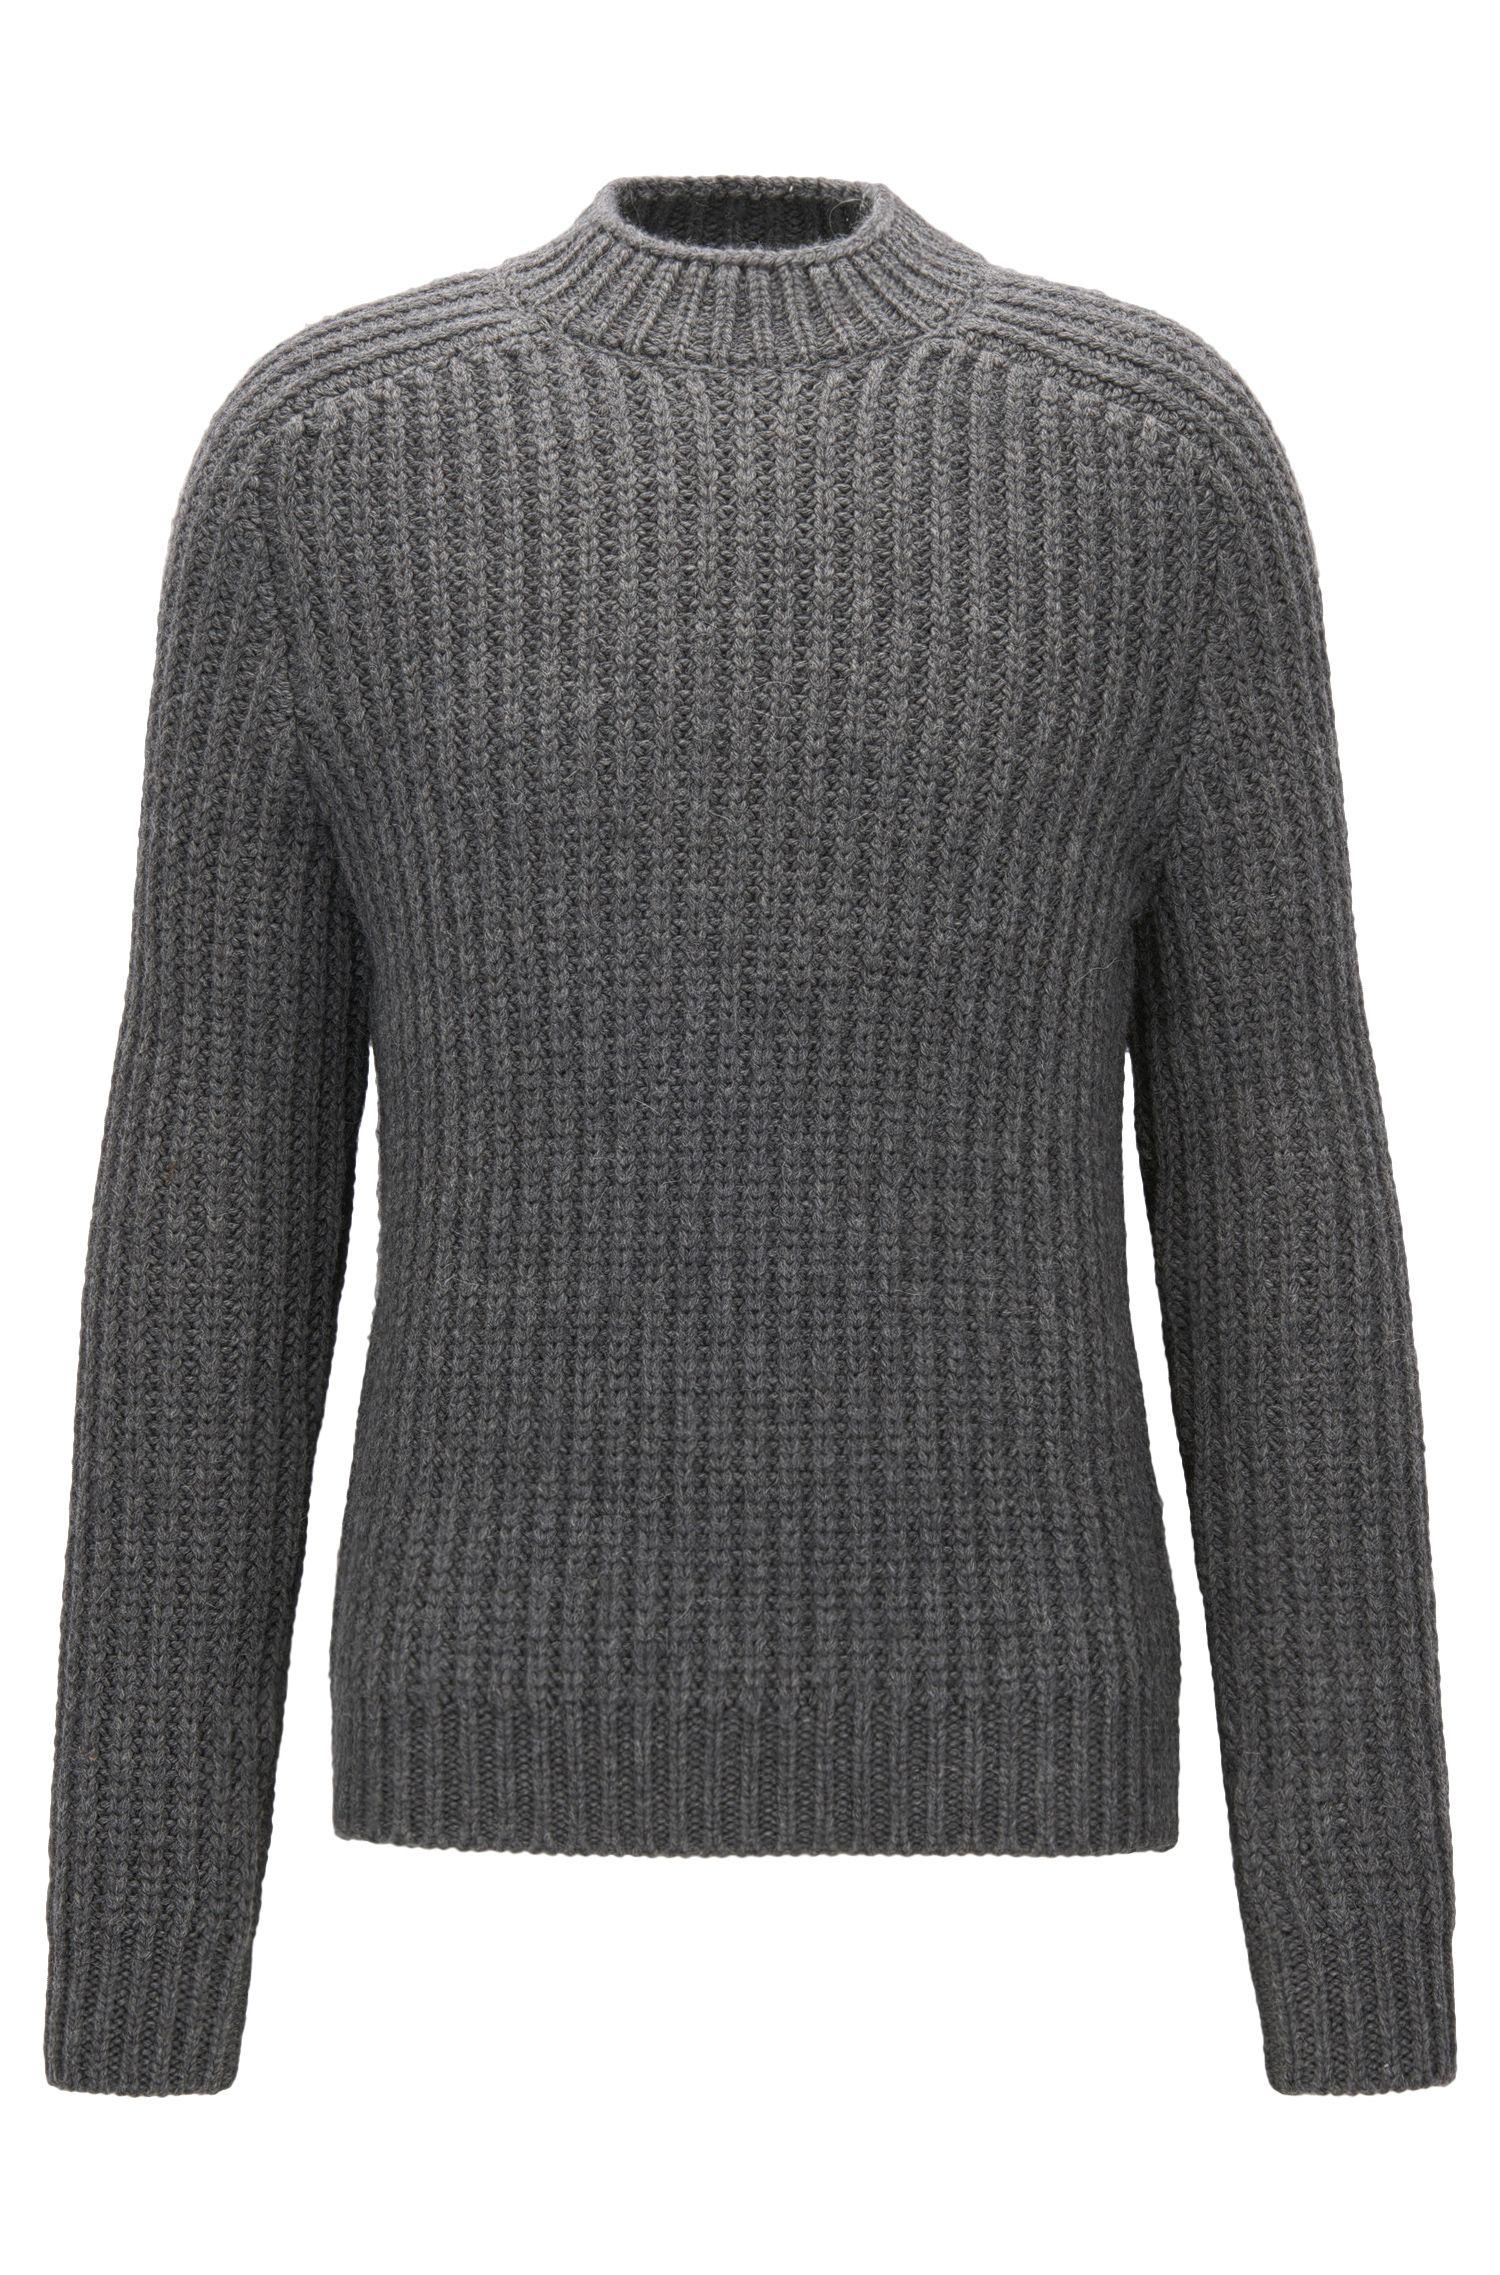 Virgin Wool Alpaca Ribbed Sweater | Logan AM